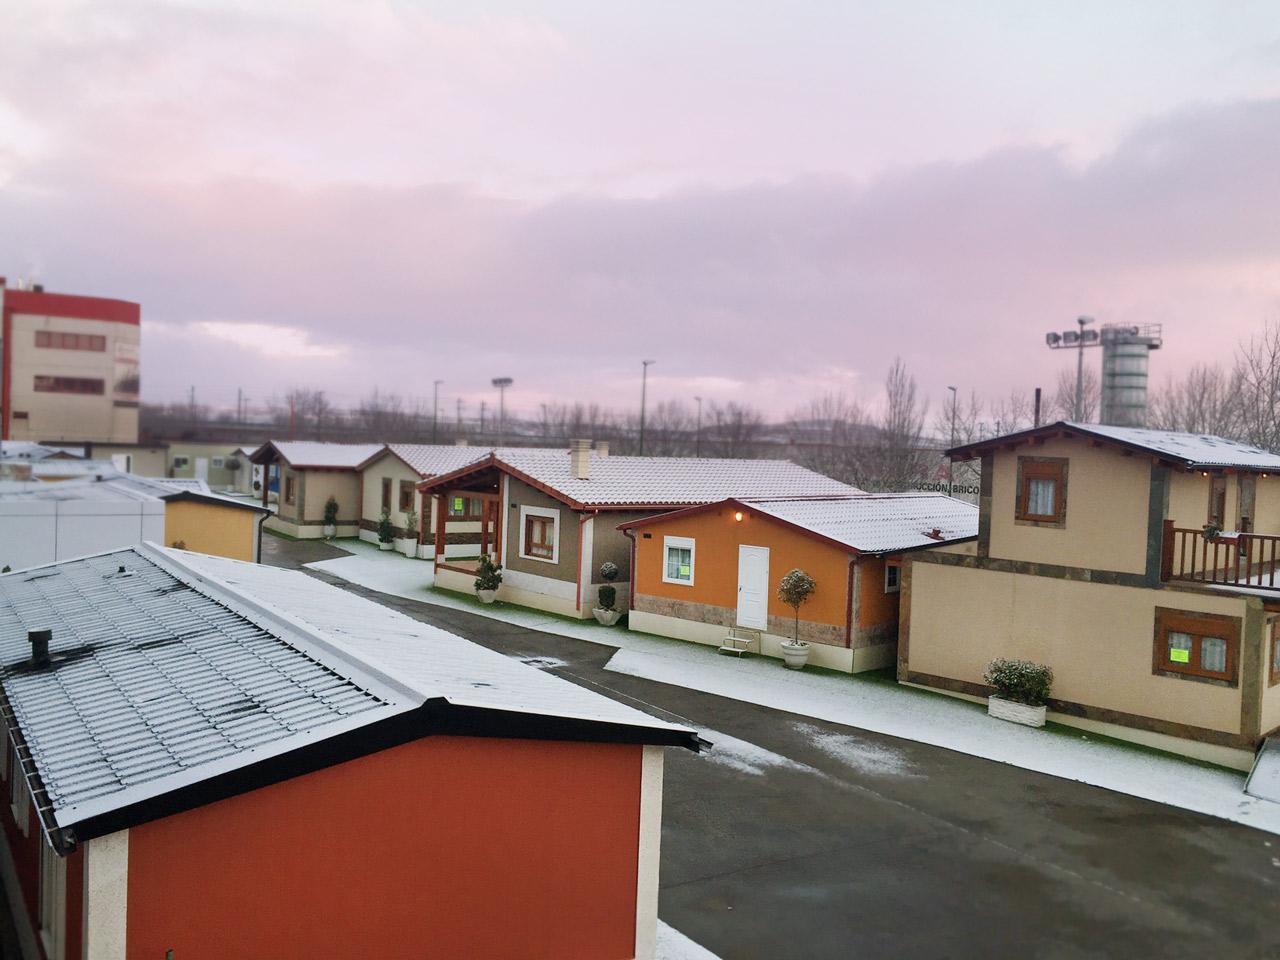 Gran aislamiento en casas prefabricadas y viviendas modulares eurocasa - Casas prefabricadas eurocasa ...